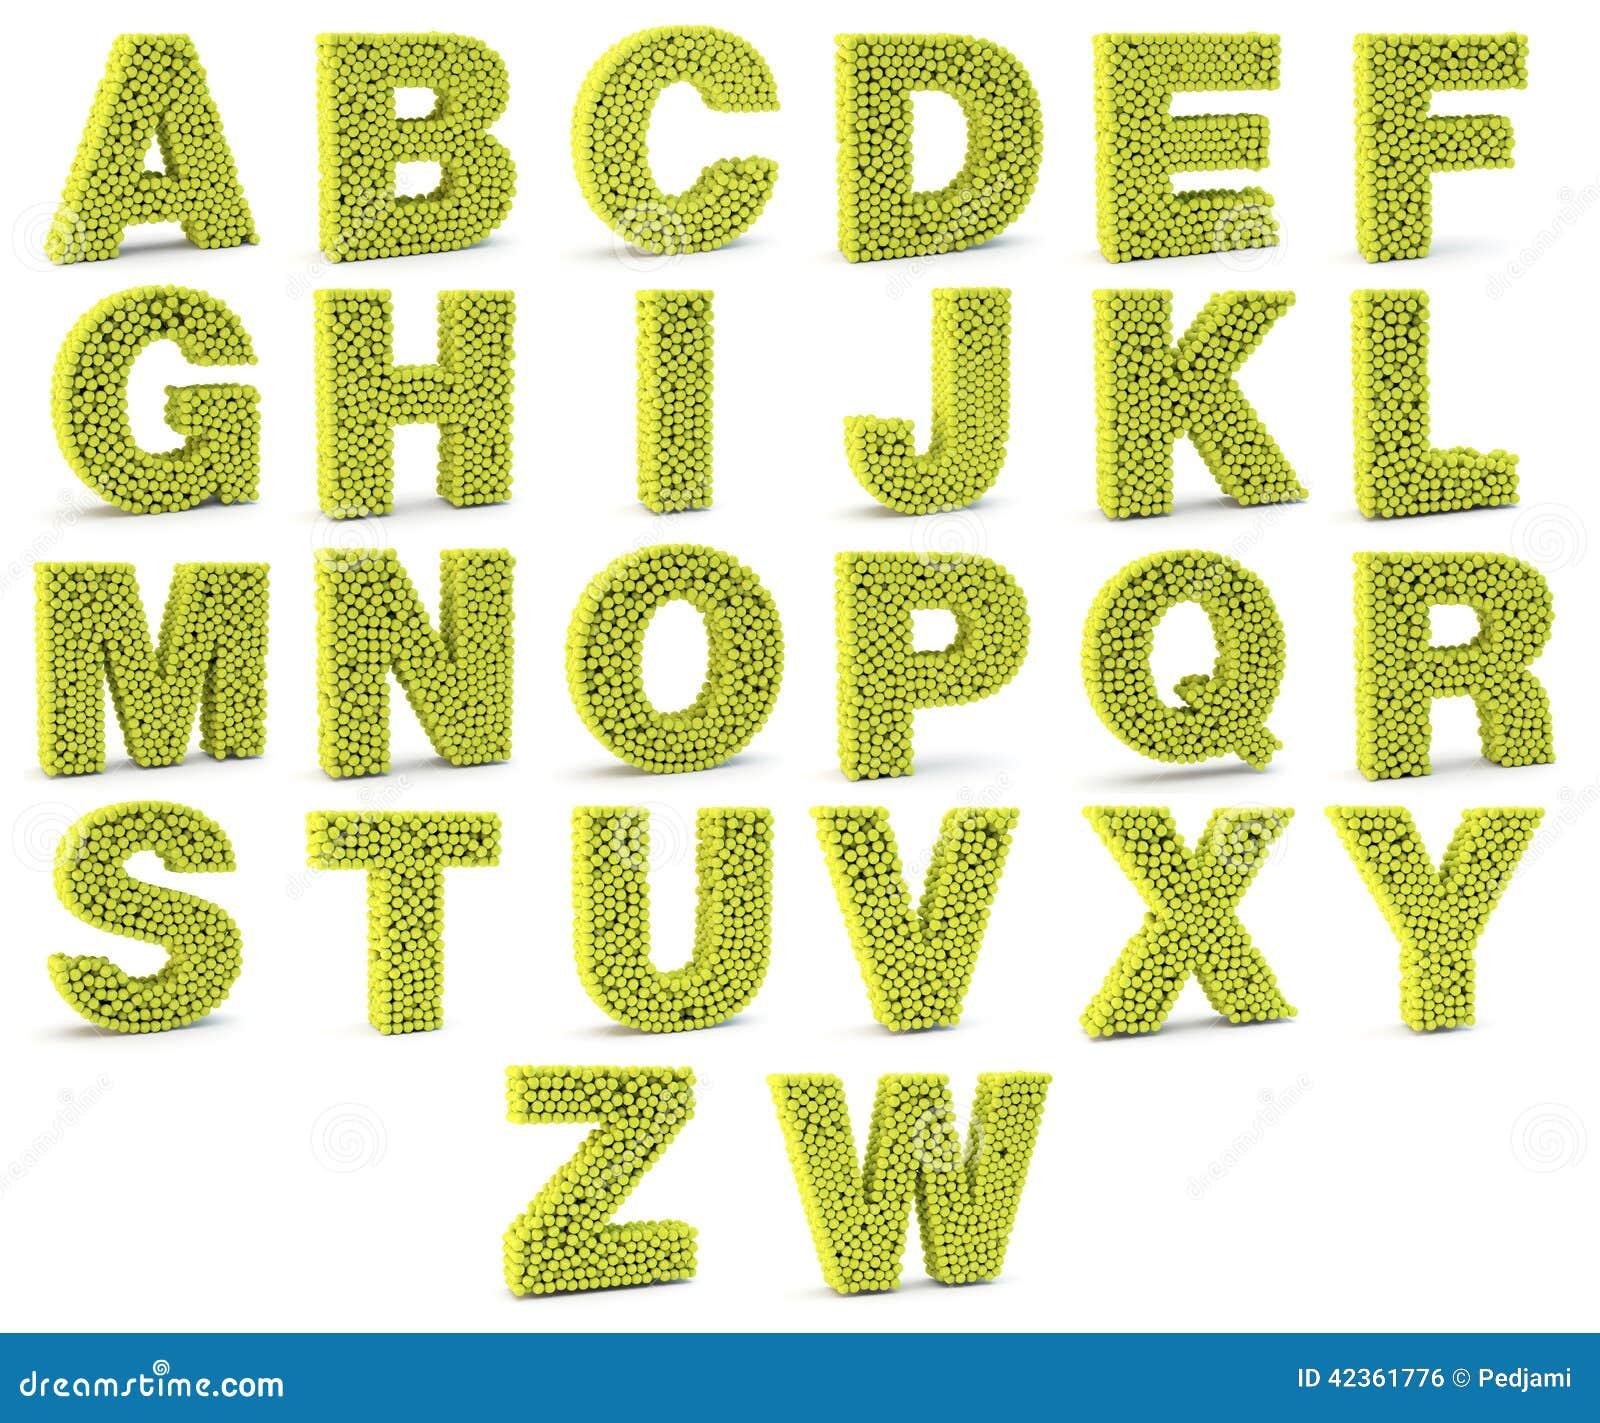 Bien connu Lettres De L'alphabet 3D Images libres de droits - Image: 34500239 AV39